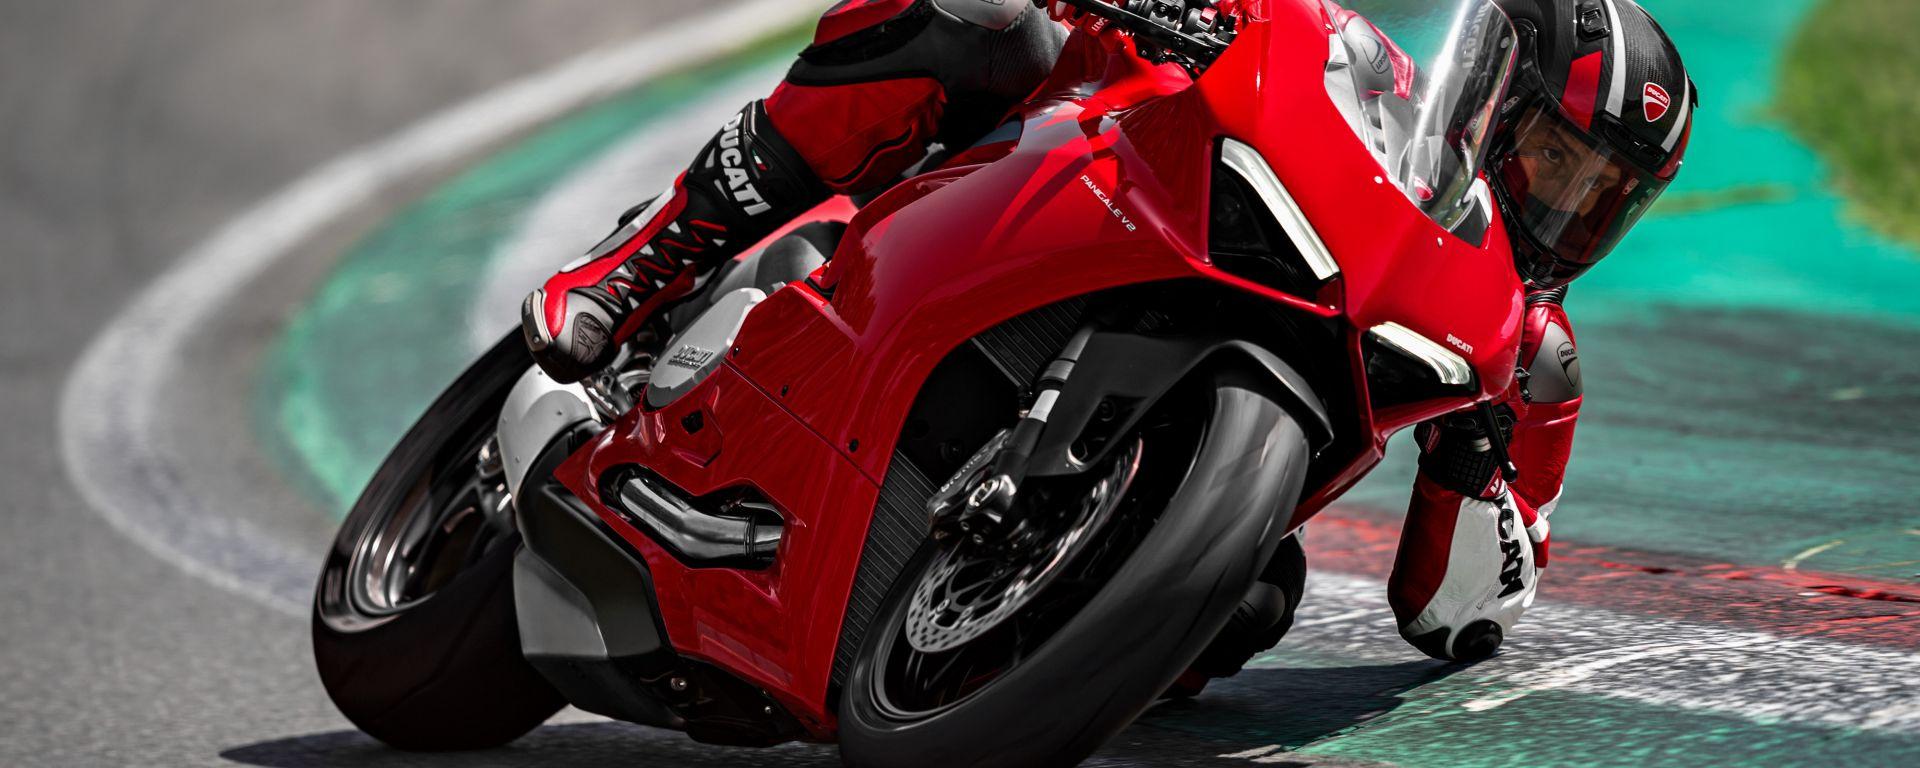 Nuova Ducati Panigale V2: il bicilindrico non è mai stato cosi sexy